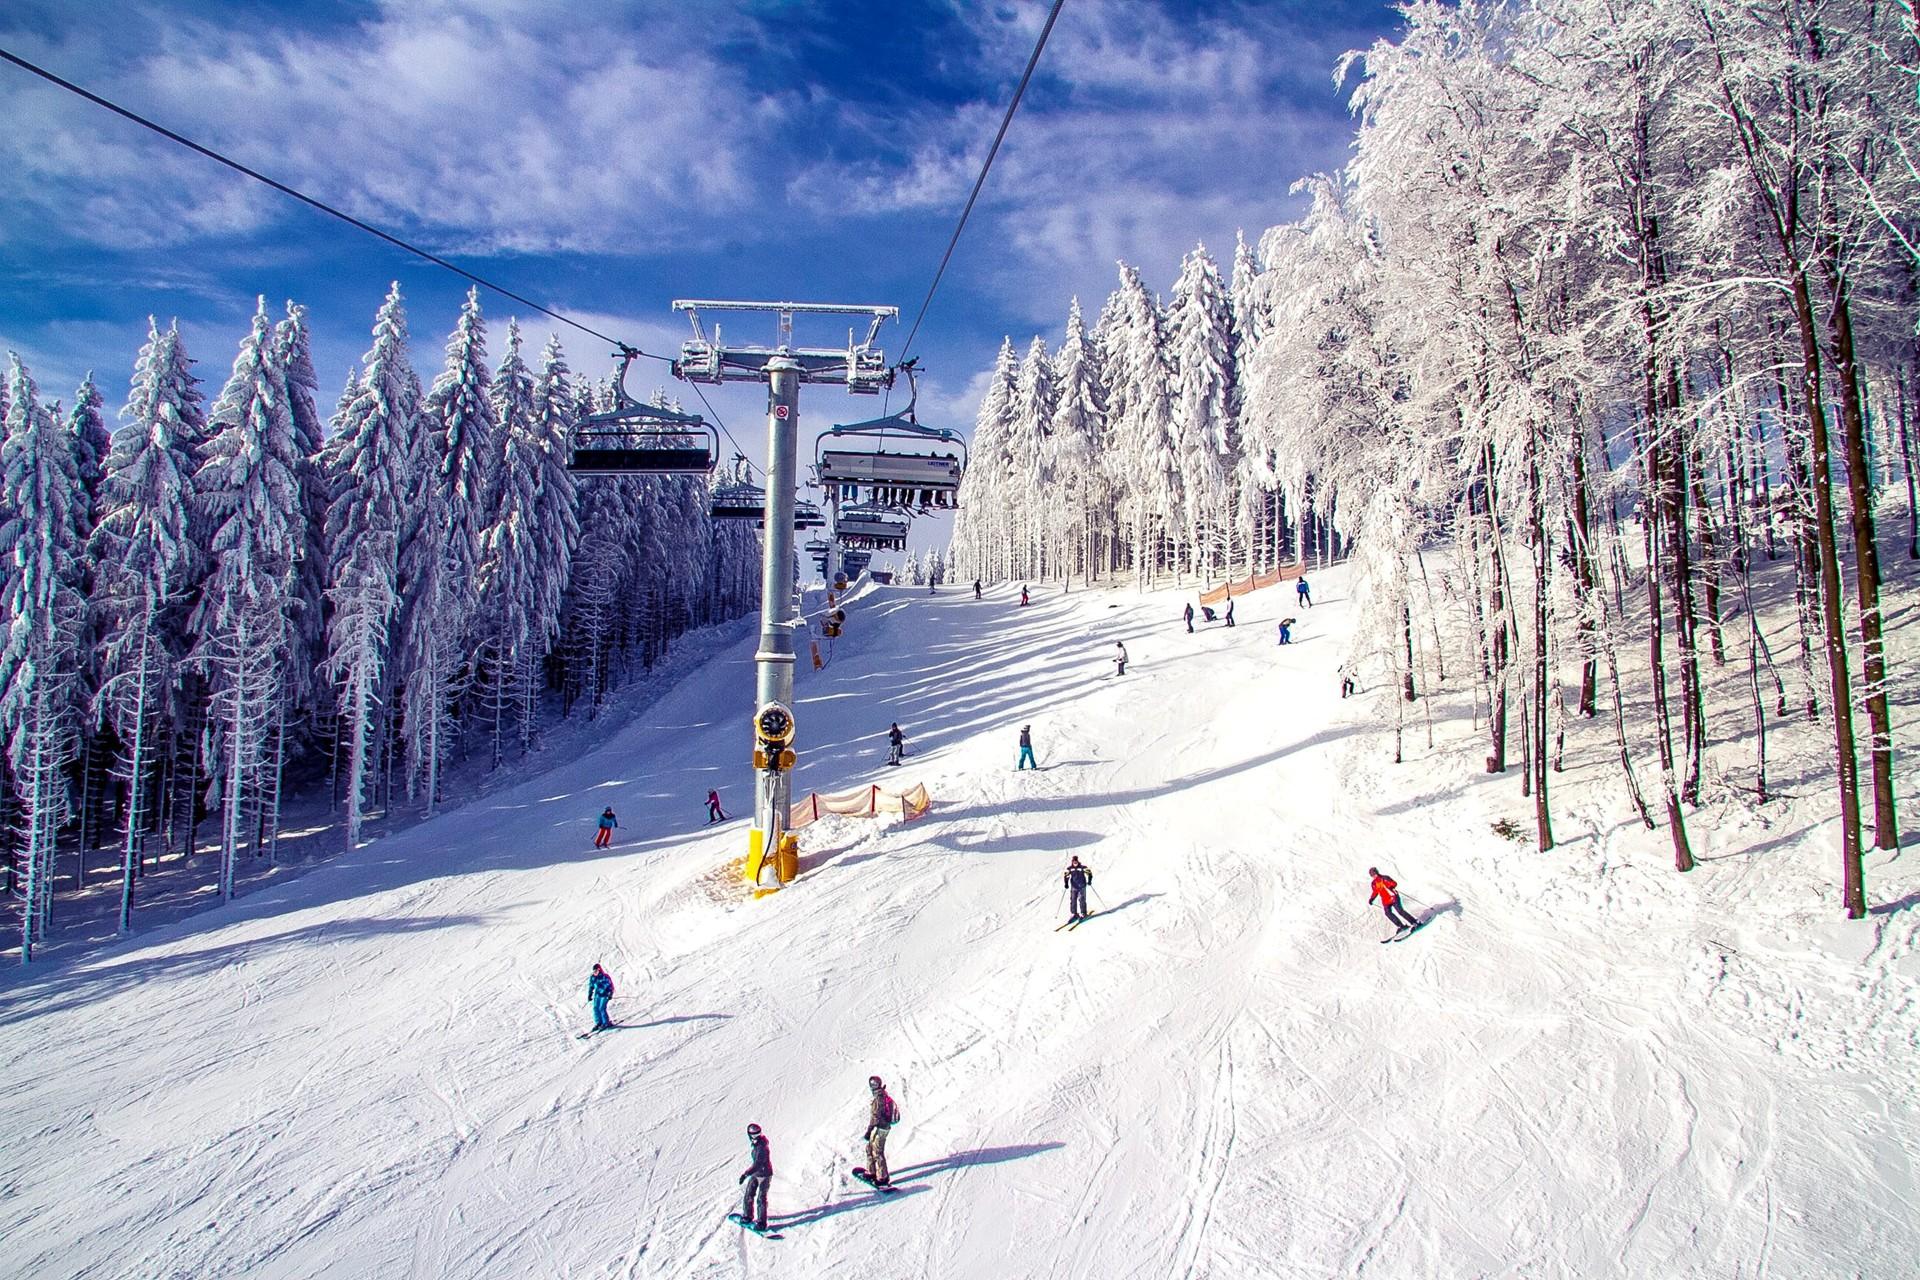 Michael von brauchitsch winterberg webcam